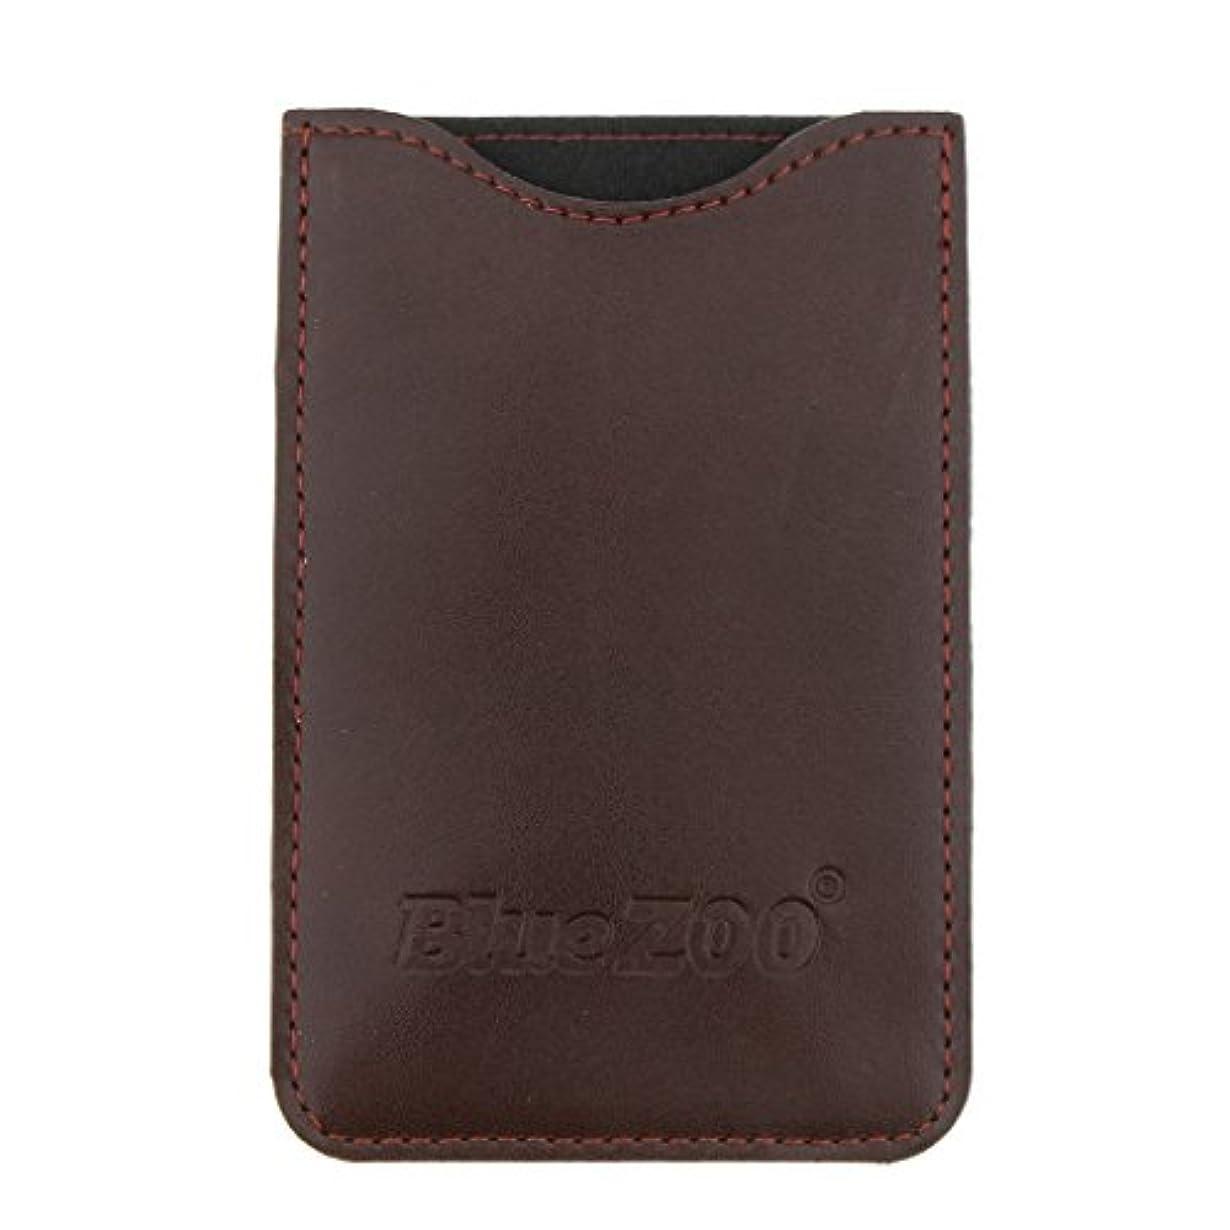 ピック新年数学的なコームバッグ 収納ケース 収納パック PUレザー ポケット 柔らかい 全2色 - 褐色